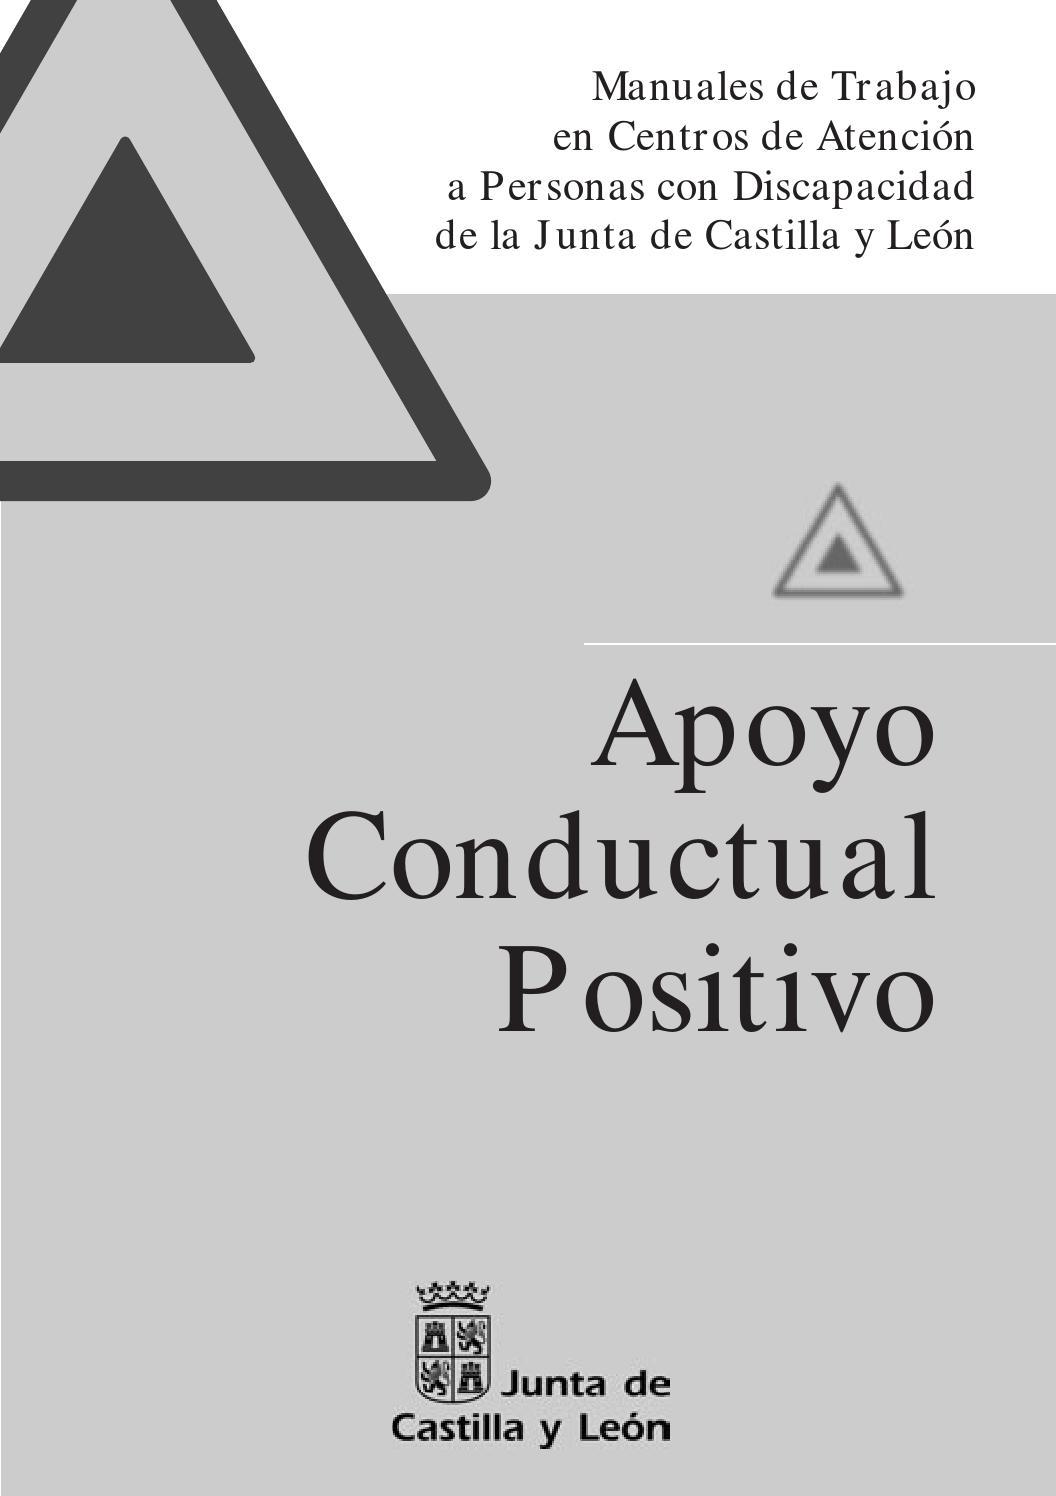 Apoyo conductual positivo by Diseño Instruccional - issuu